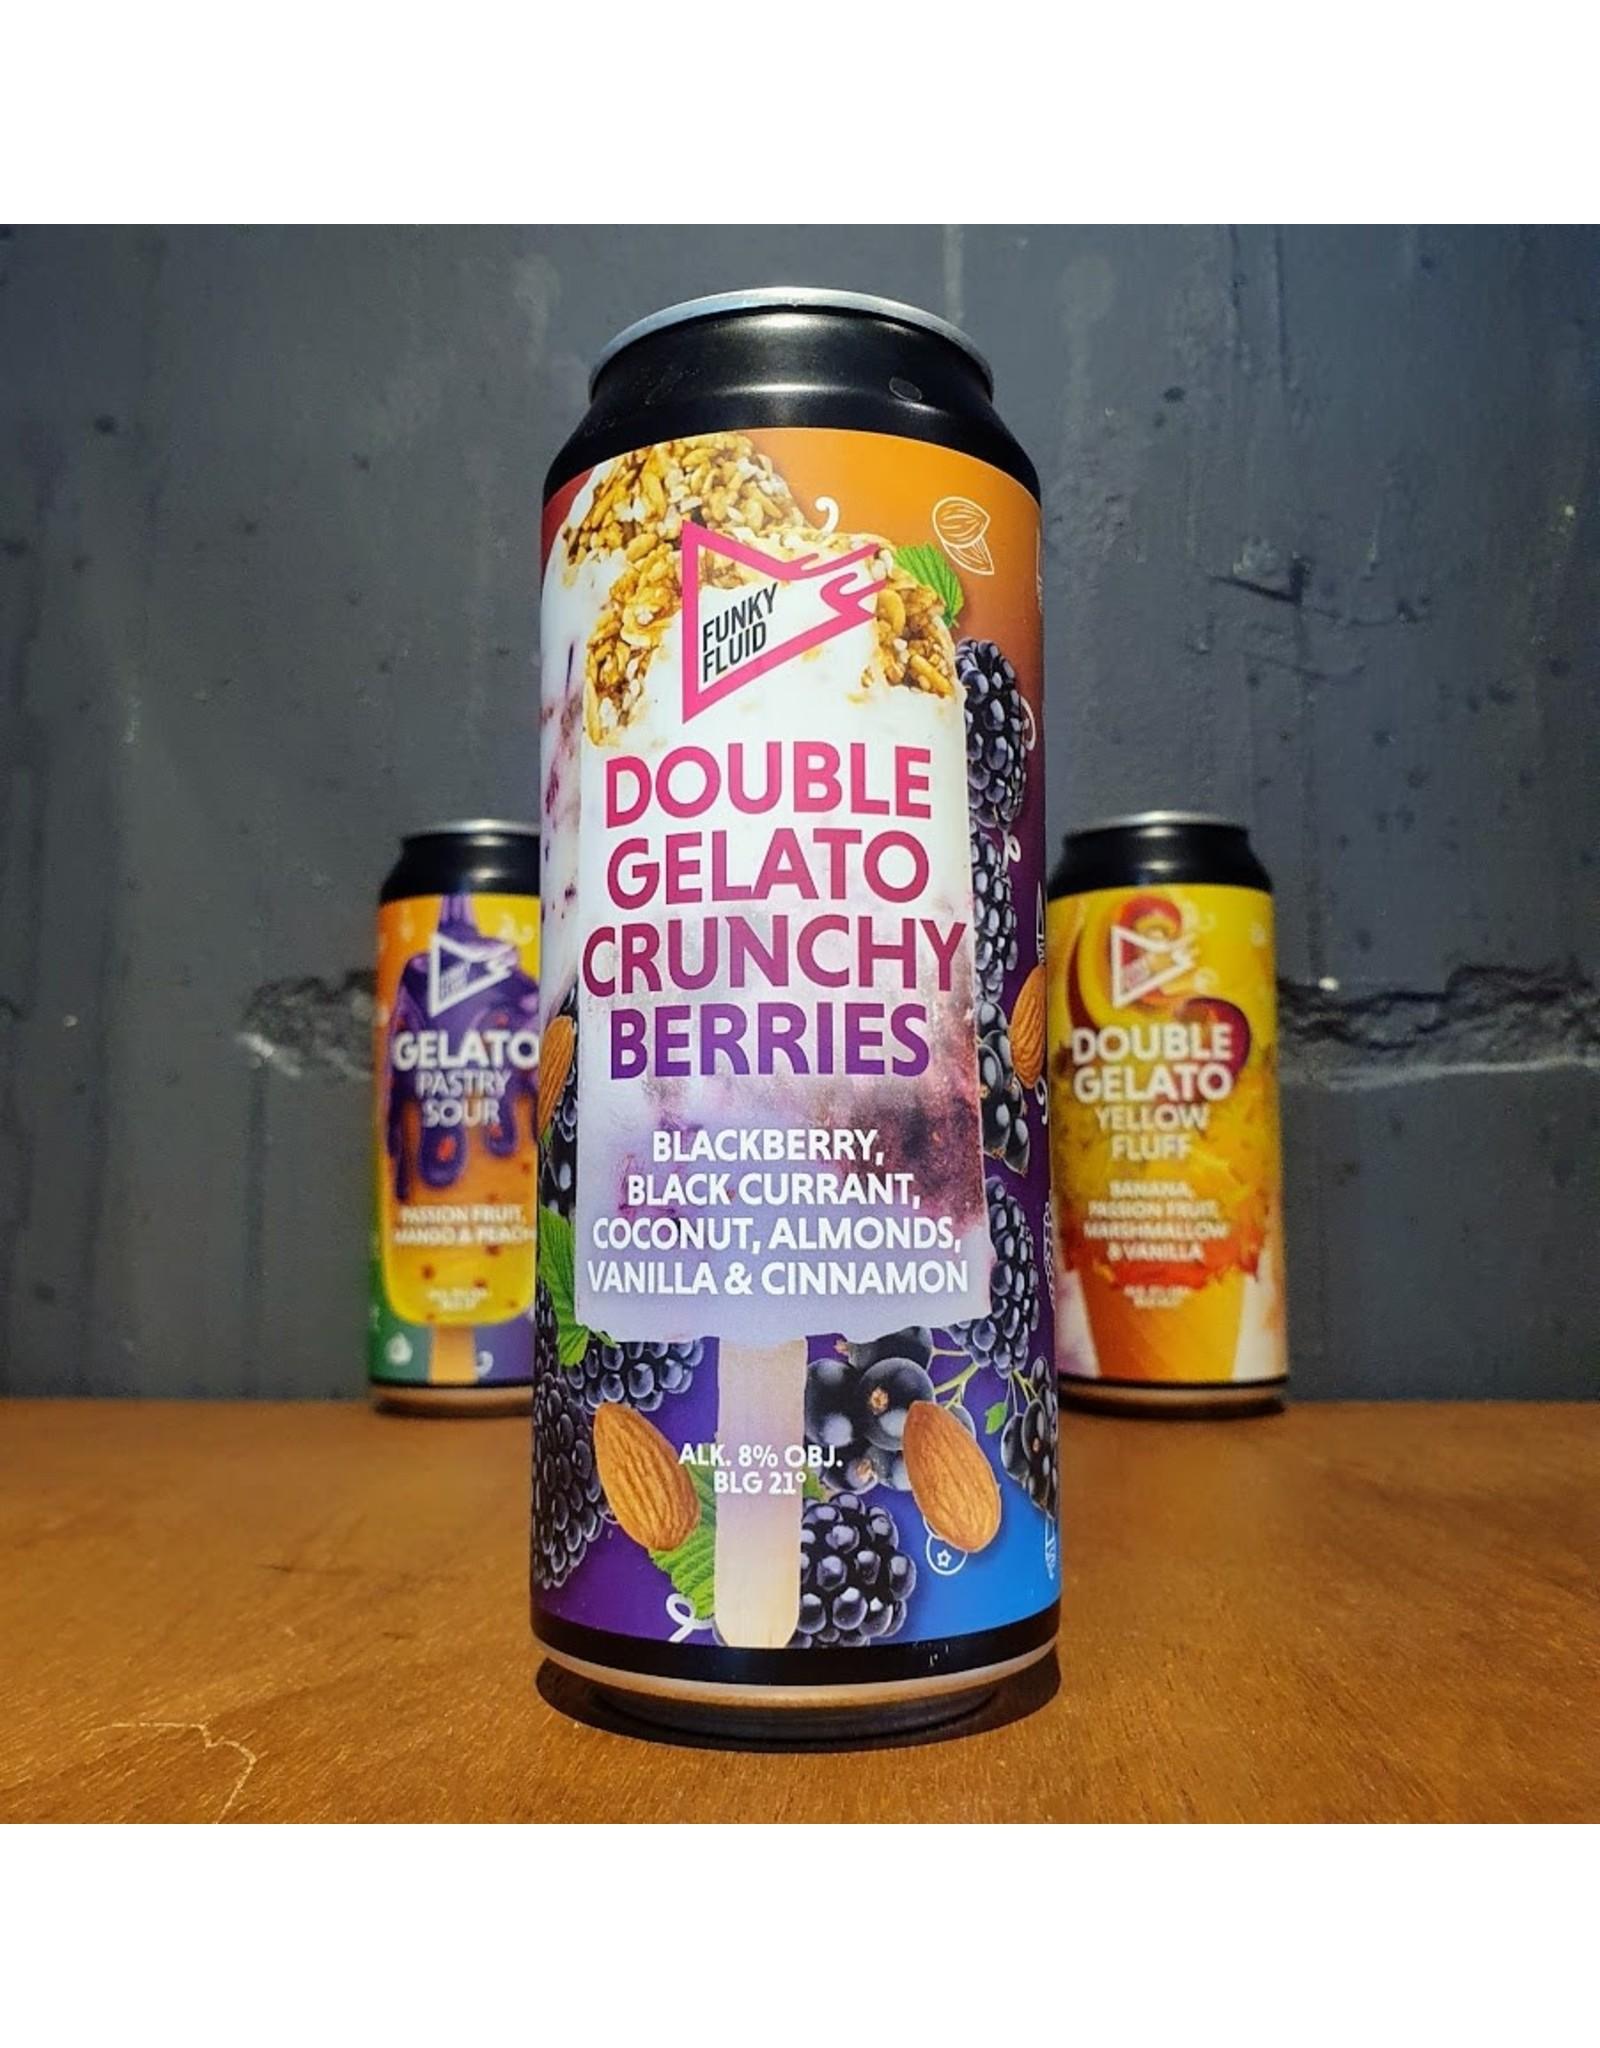 Funky Fluid Funky Fluid - Double Gelato: Crunchy Berries